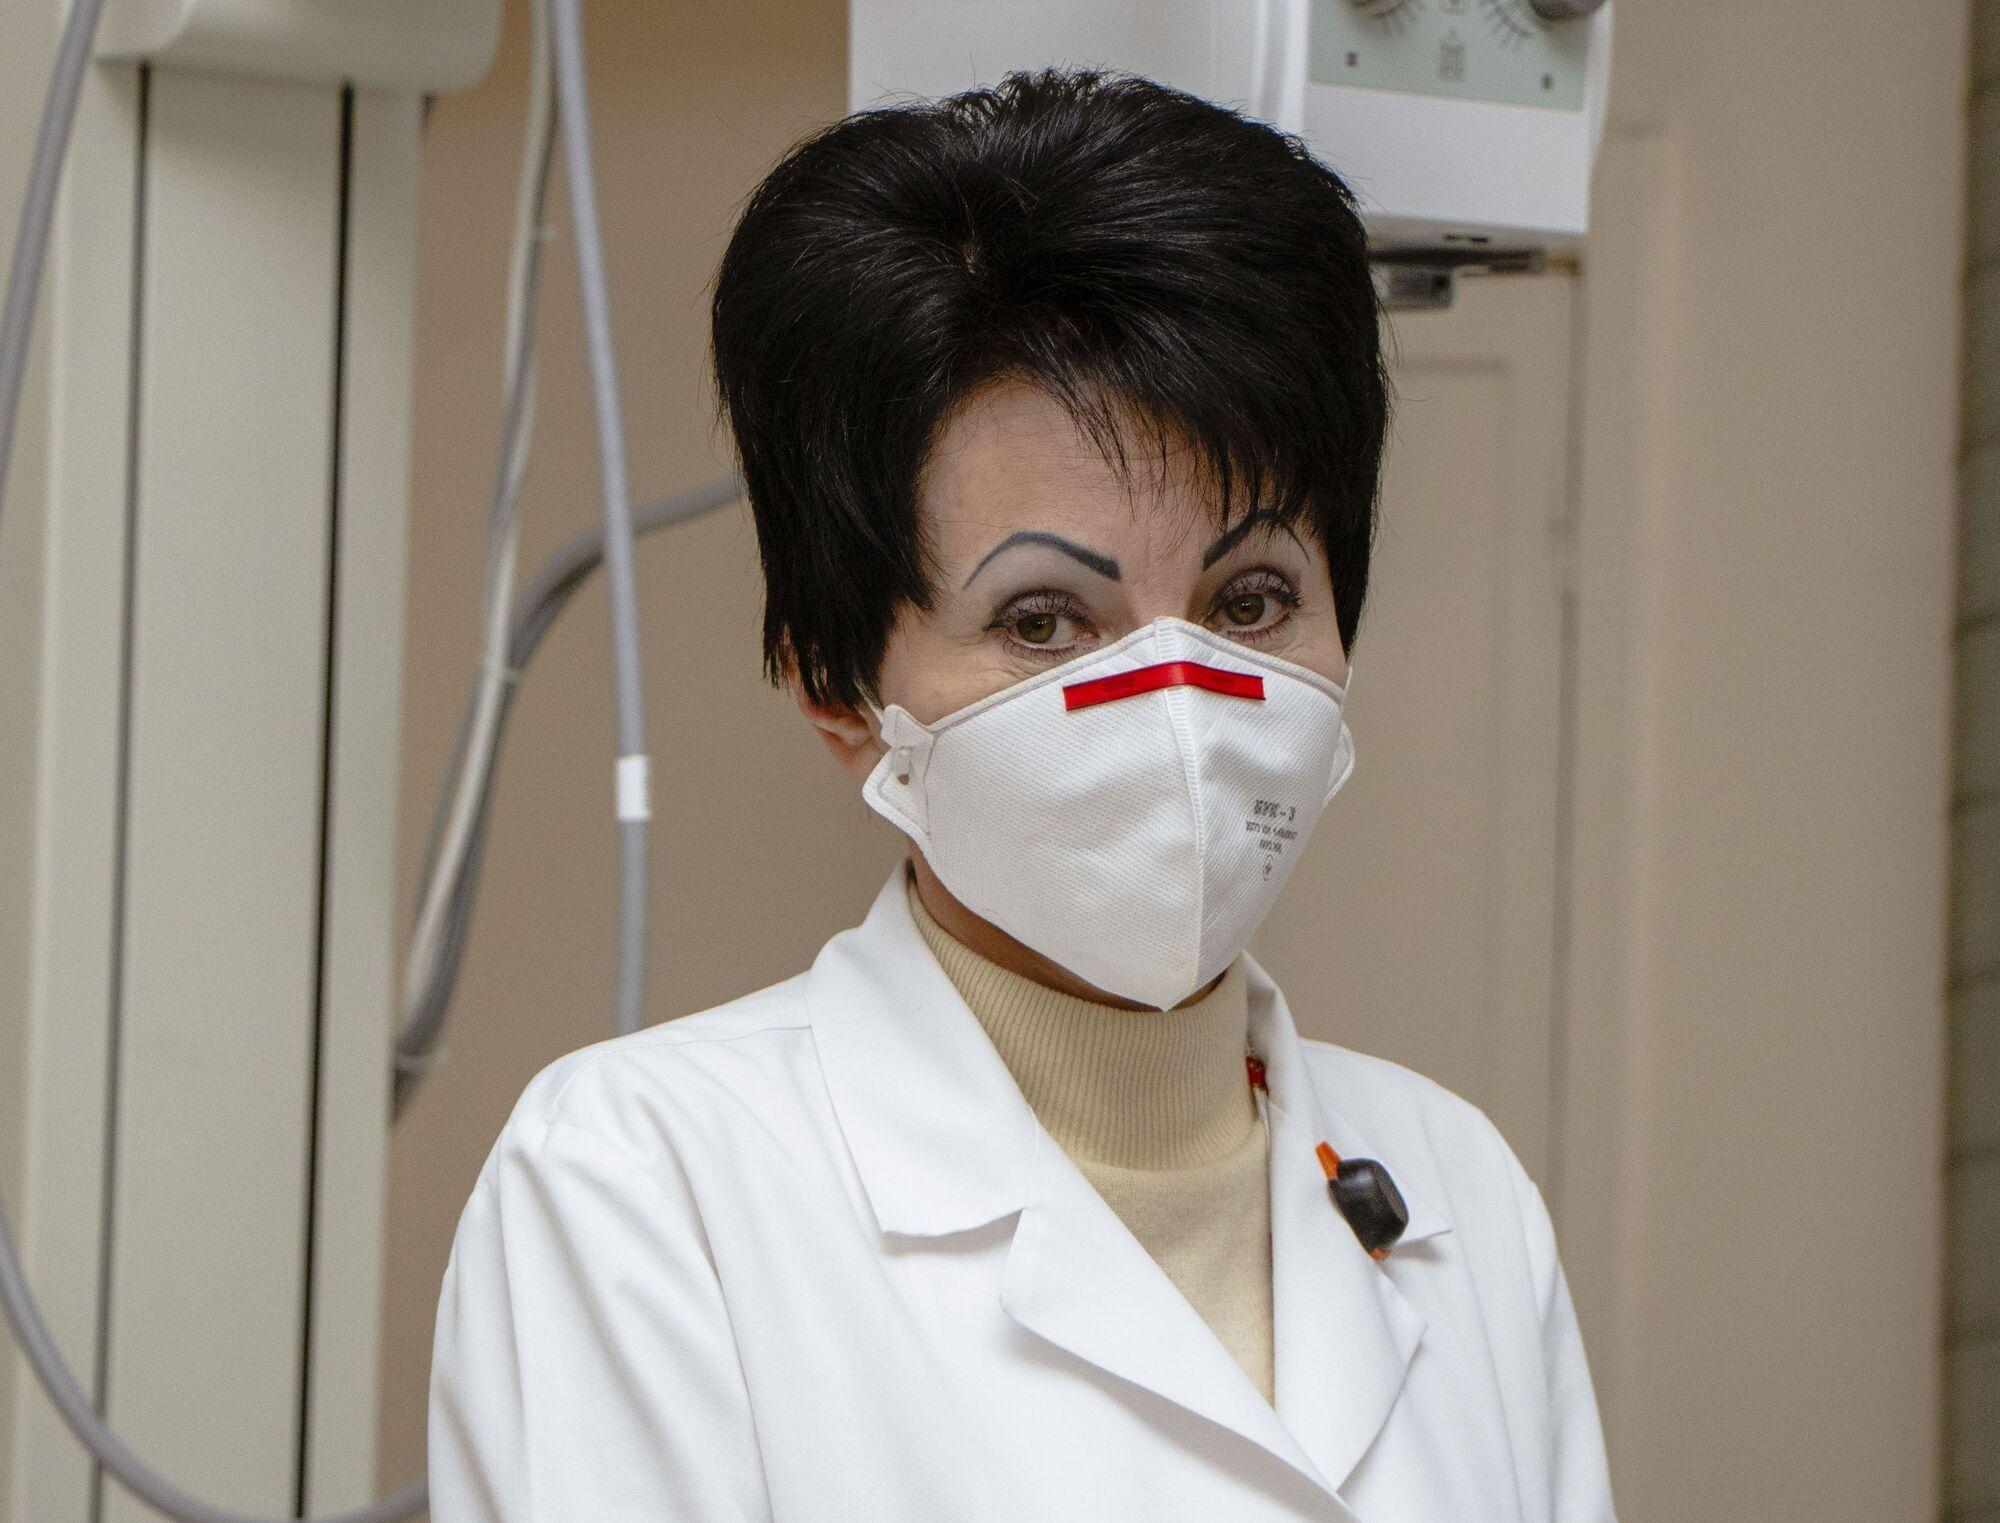 Заведующая рентгенодиагностического отделения больницы Лилия Чередниченко рассказала о минимальном облучении пациентов новыми препаратами